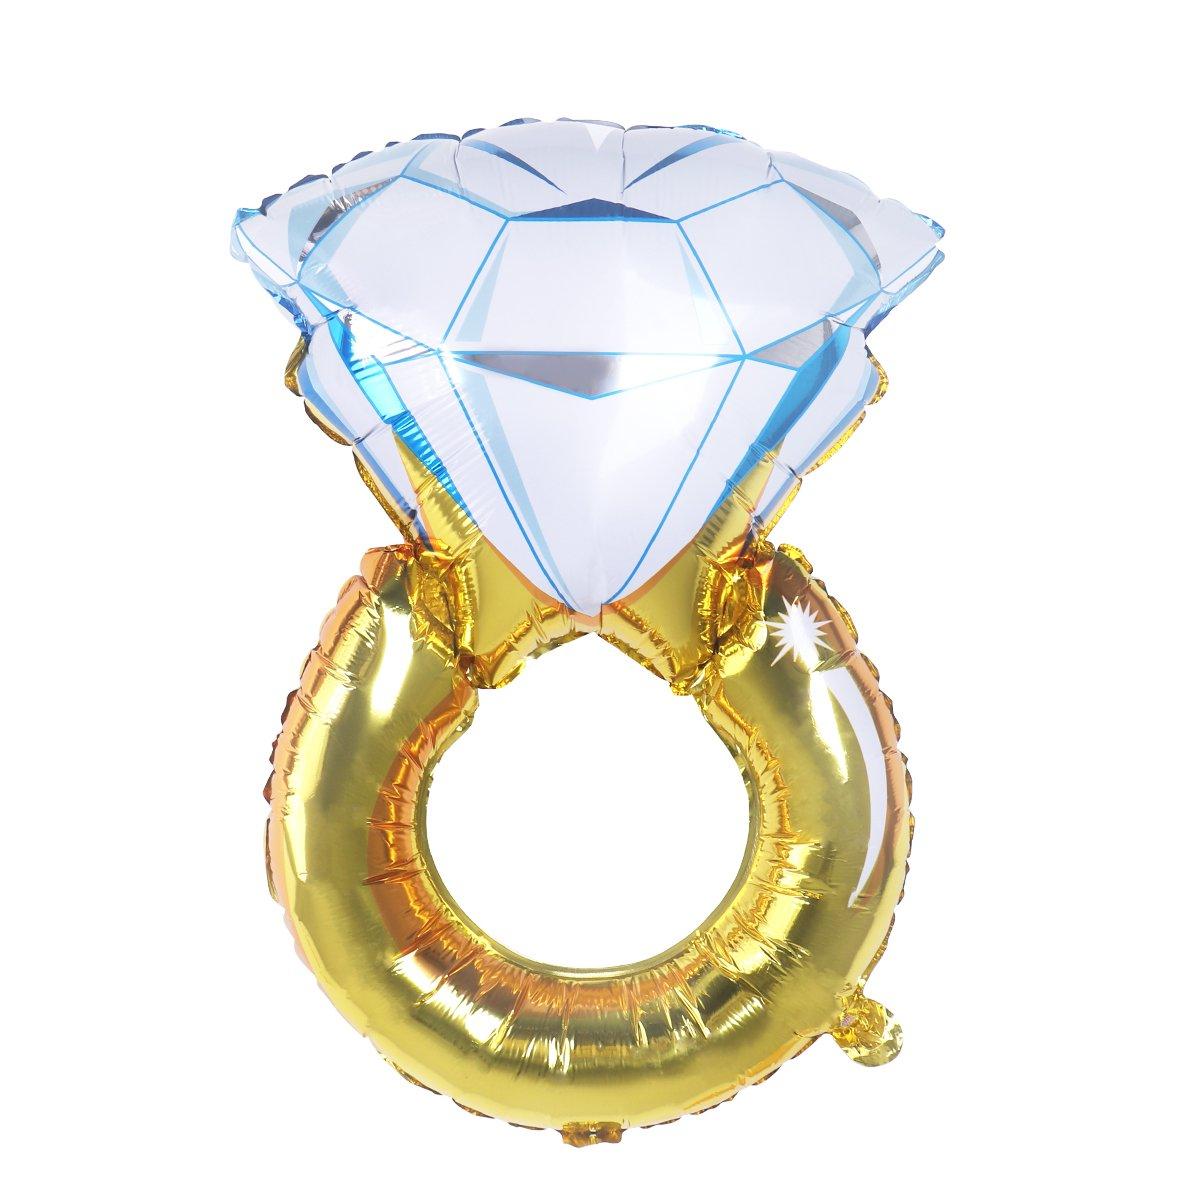 NUOLUX Diamant Anneau Ballon Romantique Ballon pour Mariage Anniversaire Fiançailles Fête Décoration